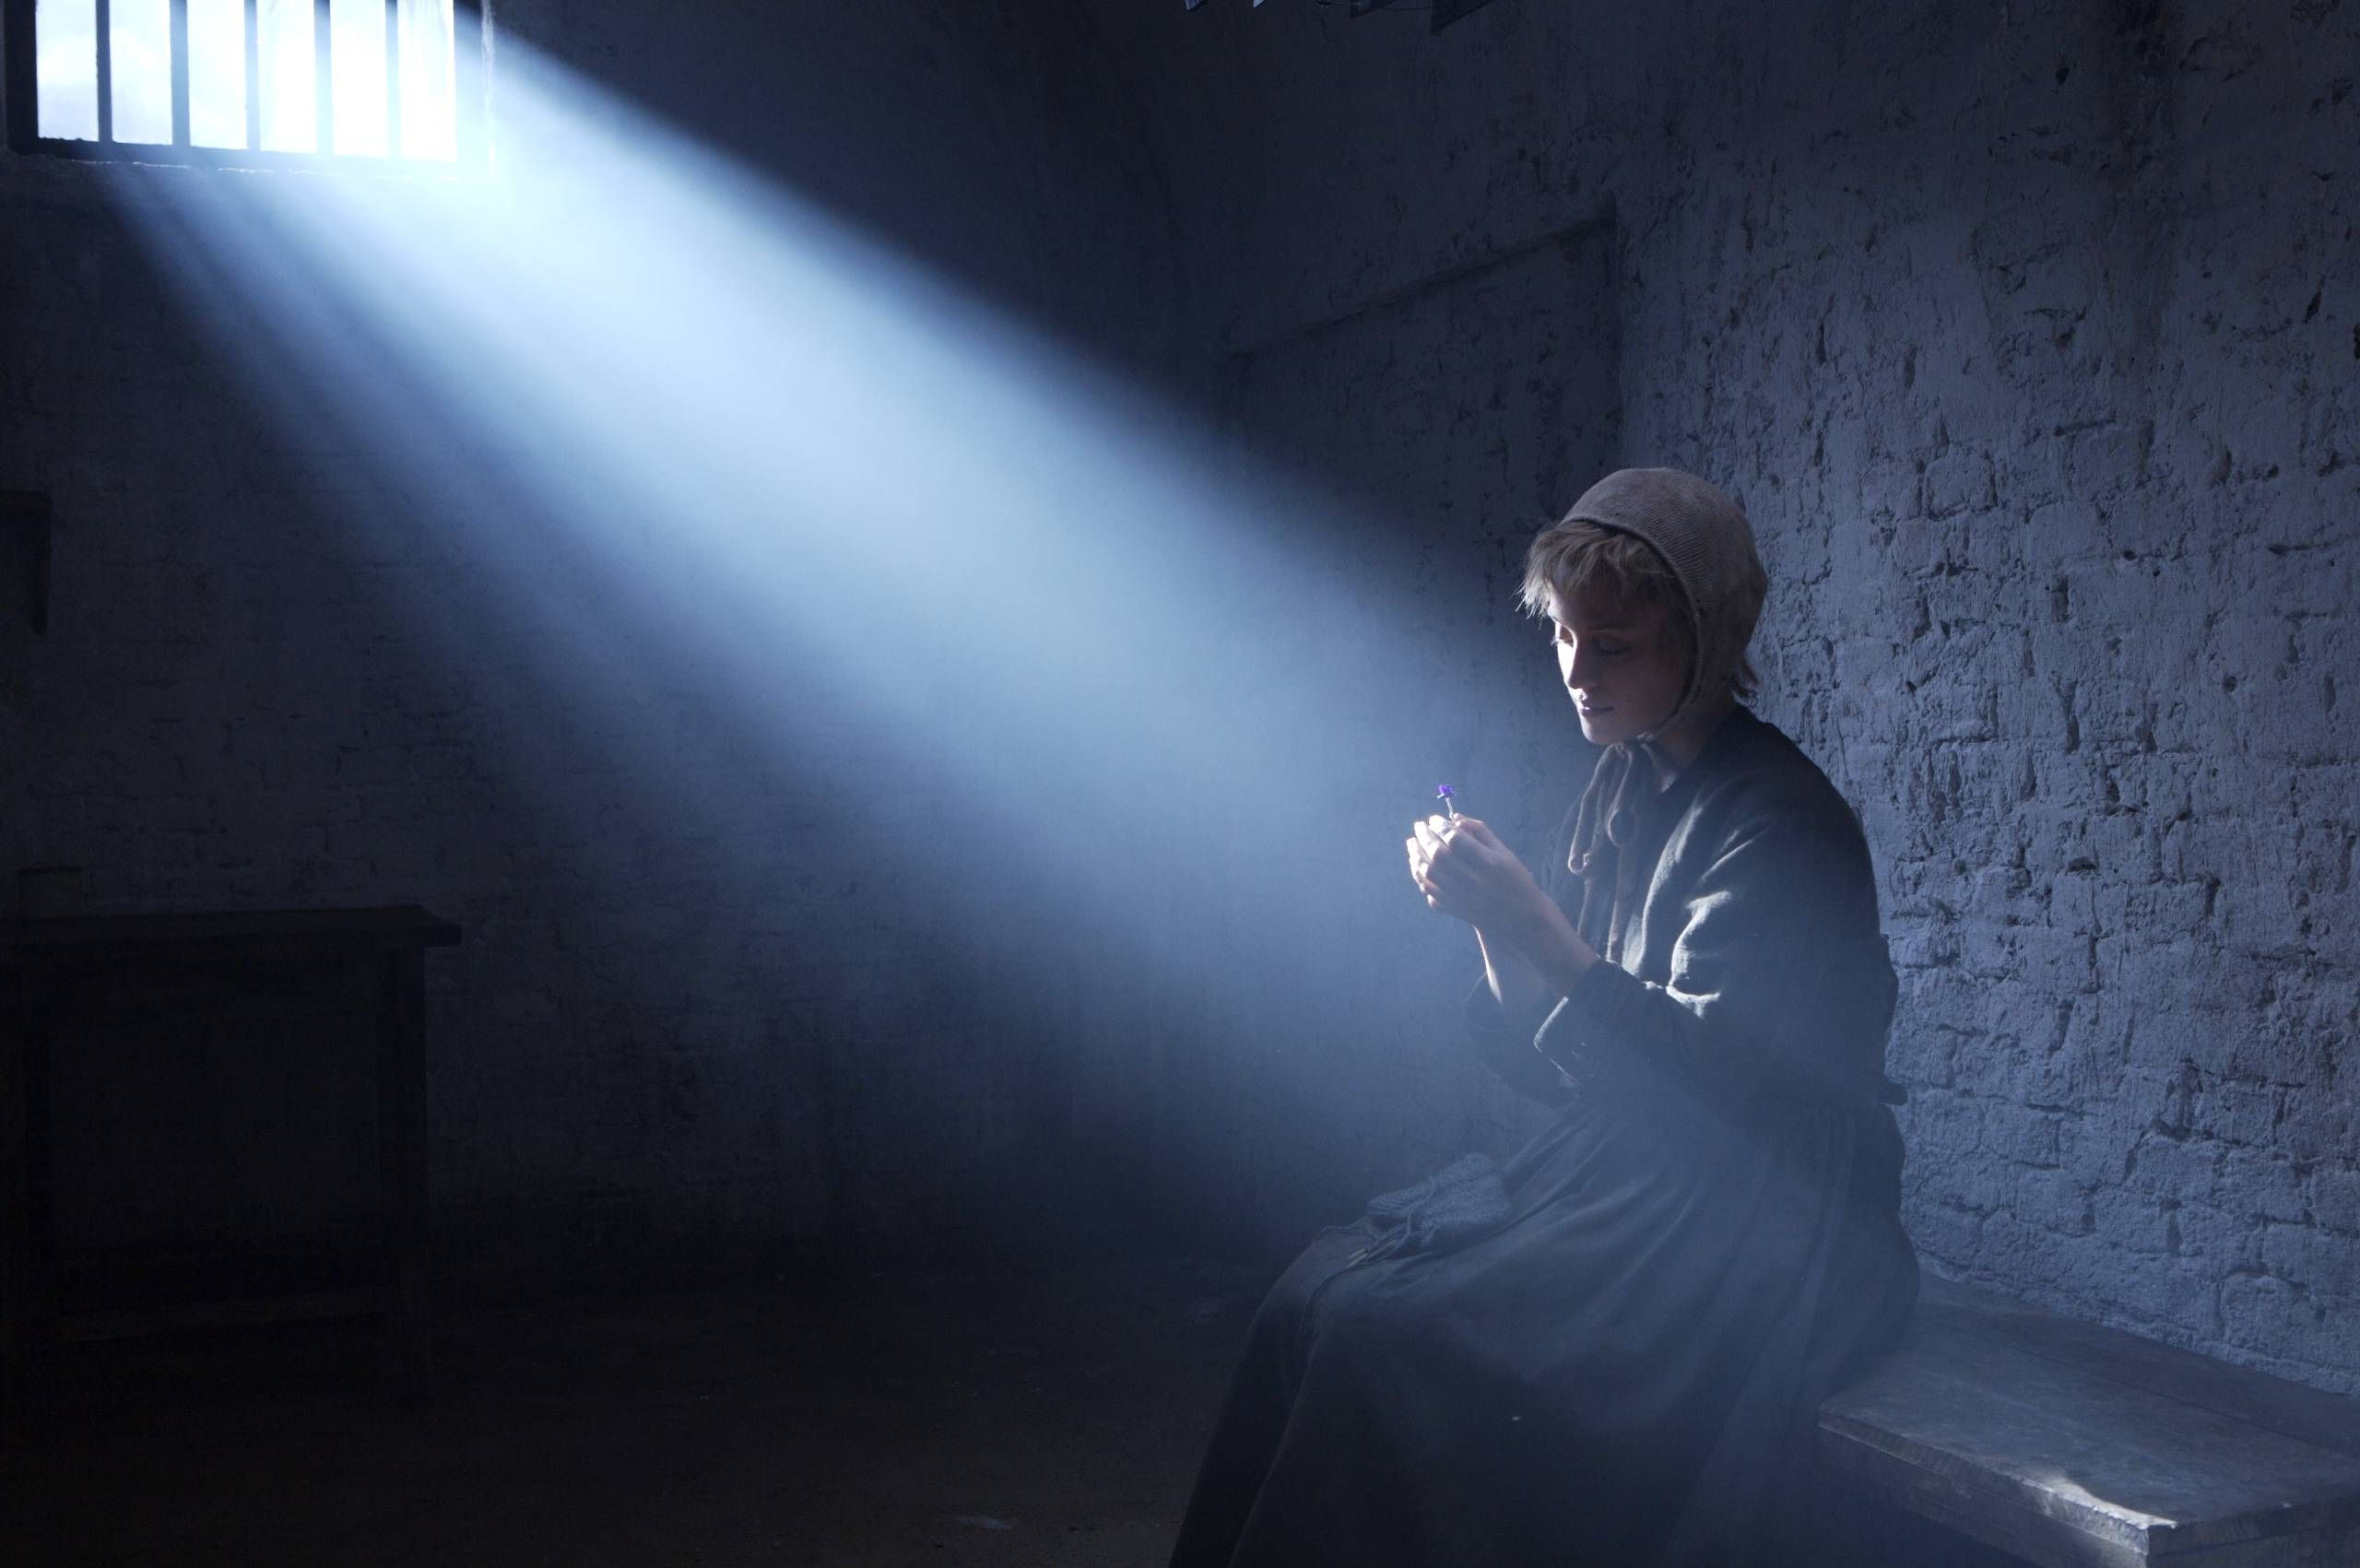 Кадр изфильма «Близость» пороману Сары Уотерс, реж. Тим Файвел, 2008. Источник: imdb.com